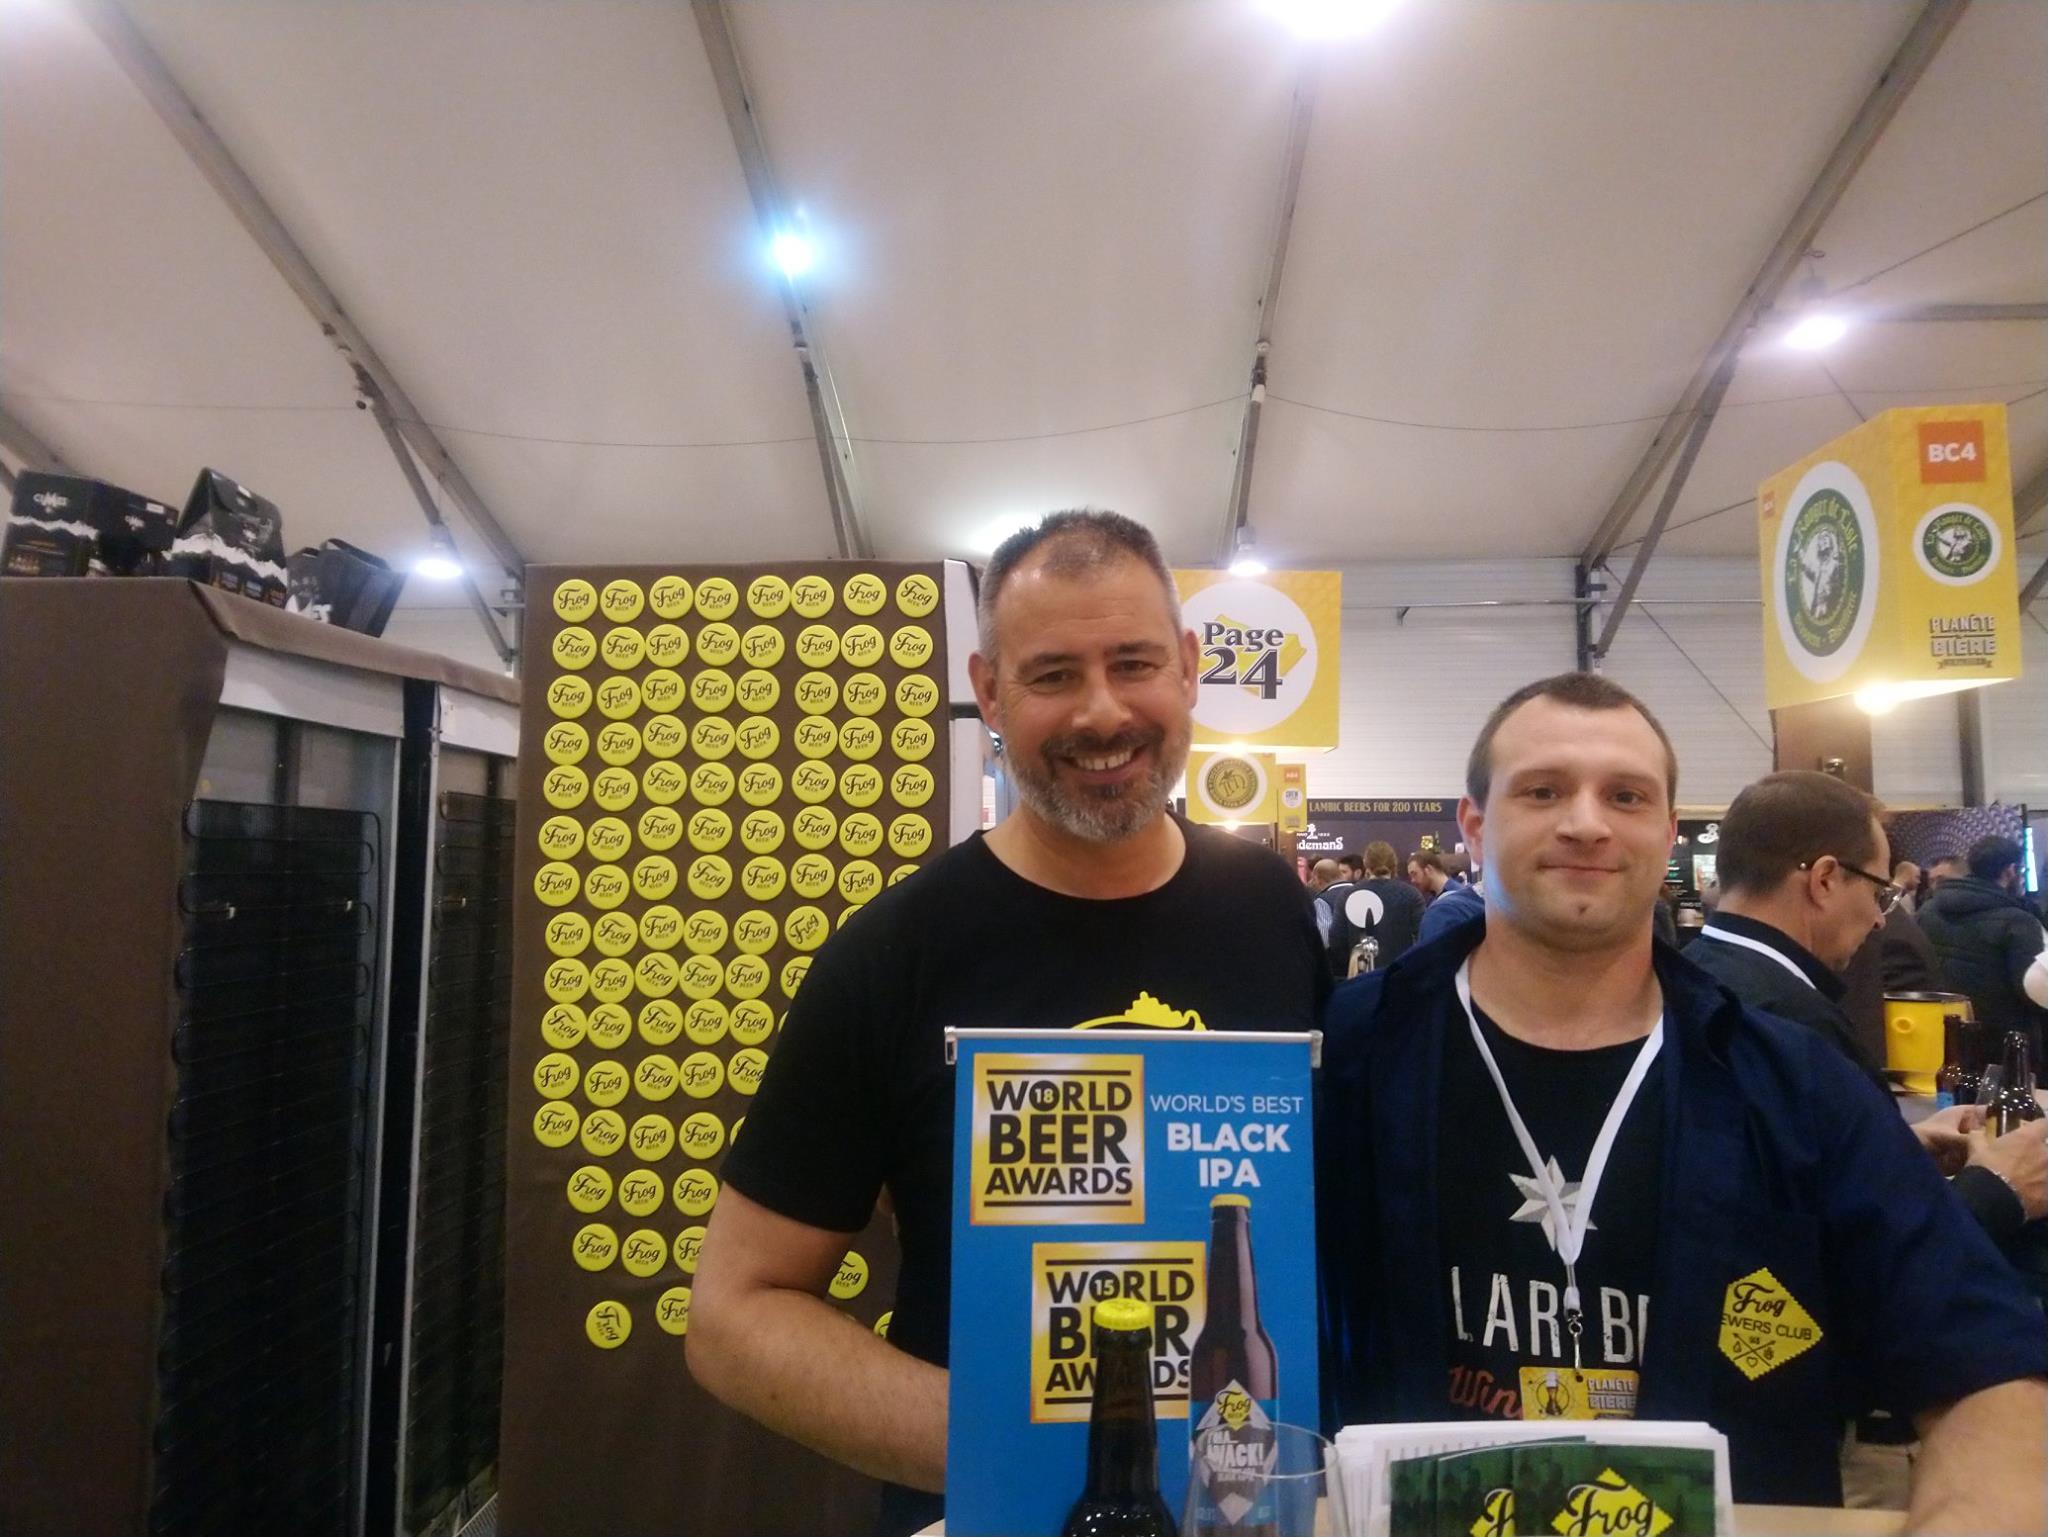 Paul Chantler - Fondateur de Frog - Planète Bière 2019